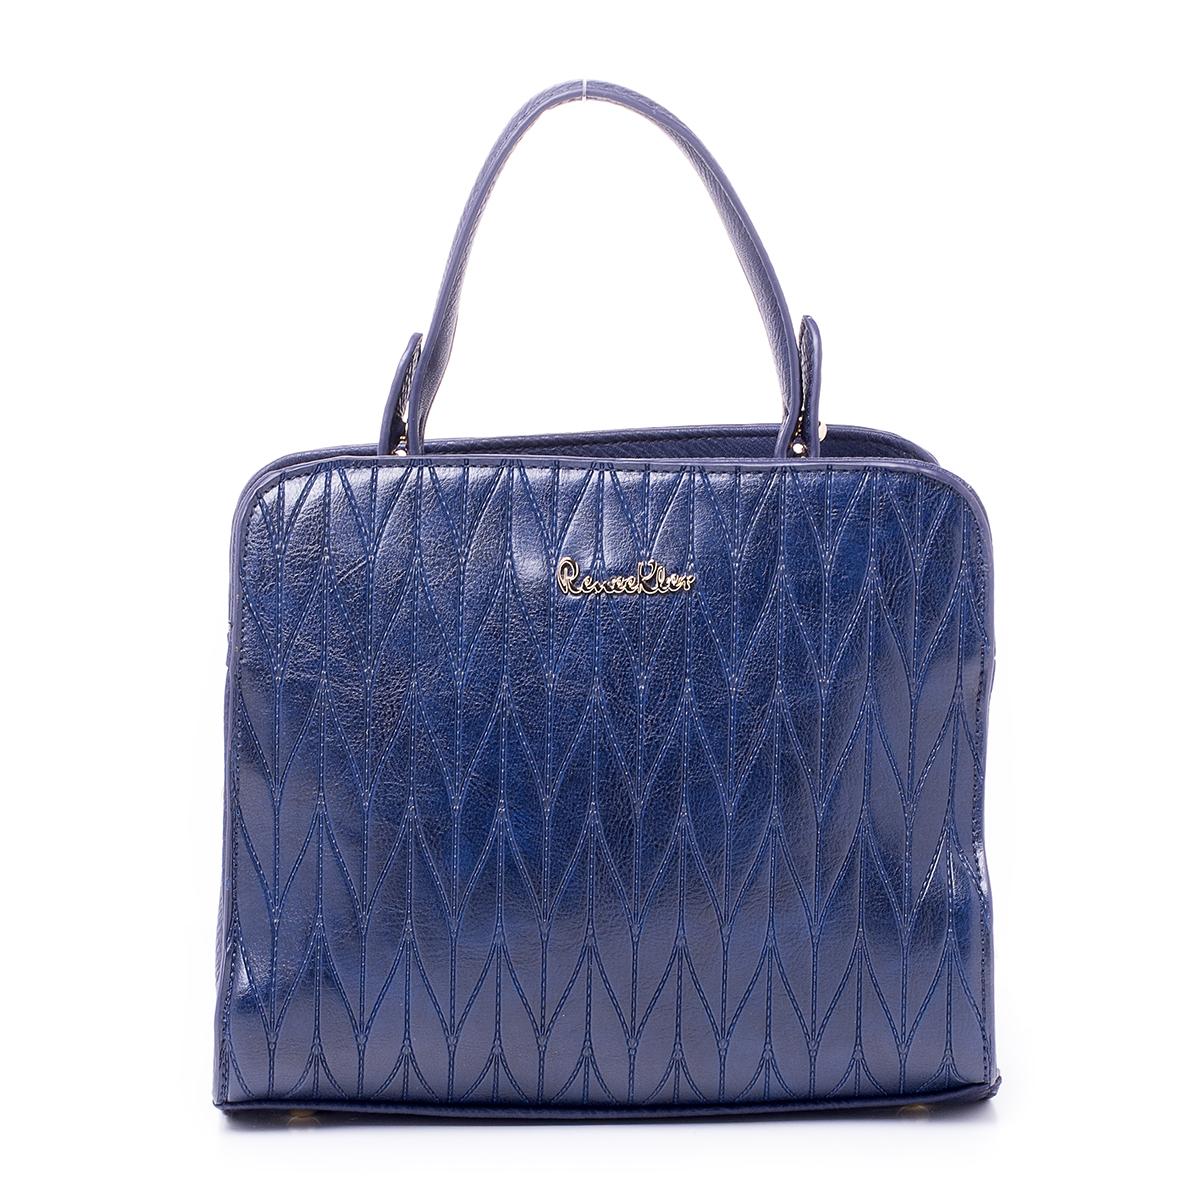 Сумка женская Renee Kler, цвет: темно-синий. RK514-06RK514-06Сумка Renee Kler, выполненная из высококачественной искусственной кожи, оформлена декоративным тиснением и металлической пластинкой с названием бренда. На тыльной стороне расположен вшитый карман на молнии. Сумка имеет одну ручку и съемный плечевой ремень, длина которого регулируется с помощью пряжки. Также сумка оснащена металлическими ножками, которые предотвратят повреждение дна сумки. Изделие закрывается с помощью застежки-молнии. Внутри расположено два отделения, которые содержат два накладных открытых кармана для телефона и мелочей и один вшитый карман на молнии. В комплект входит чехол для хранения изделия.